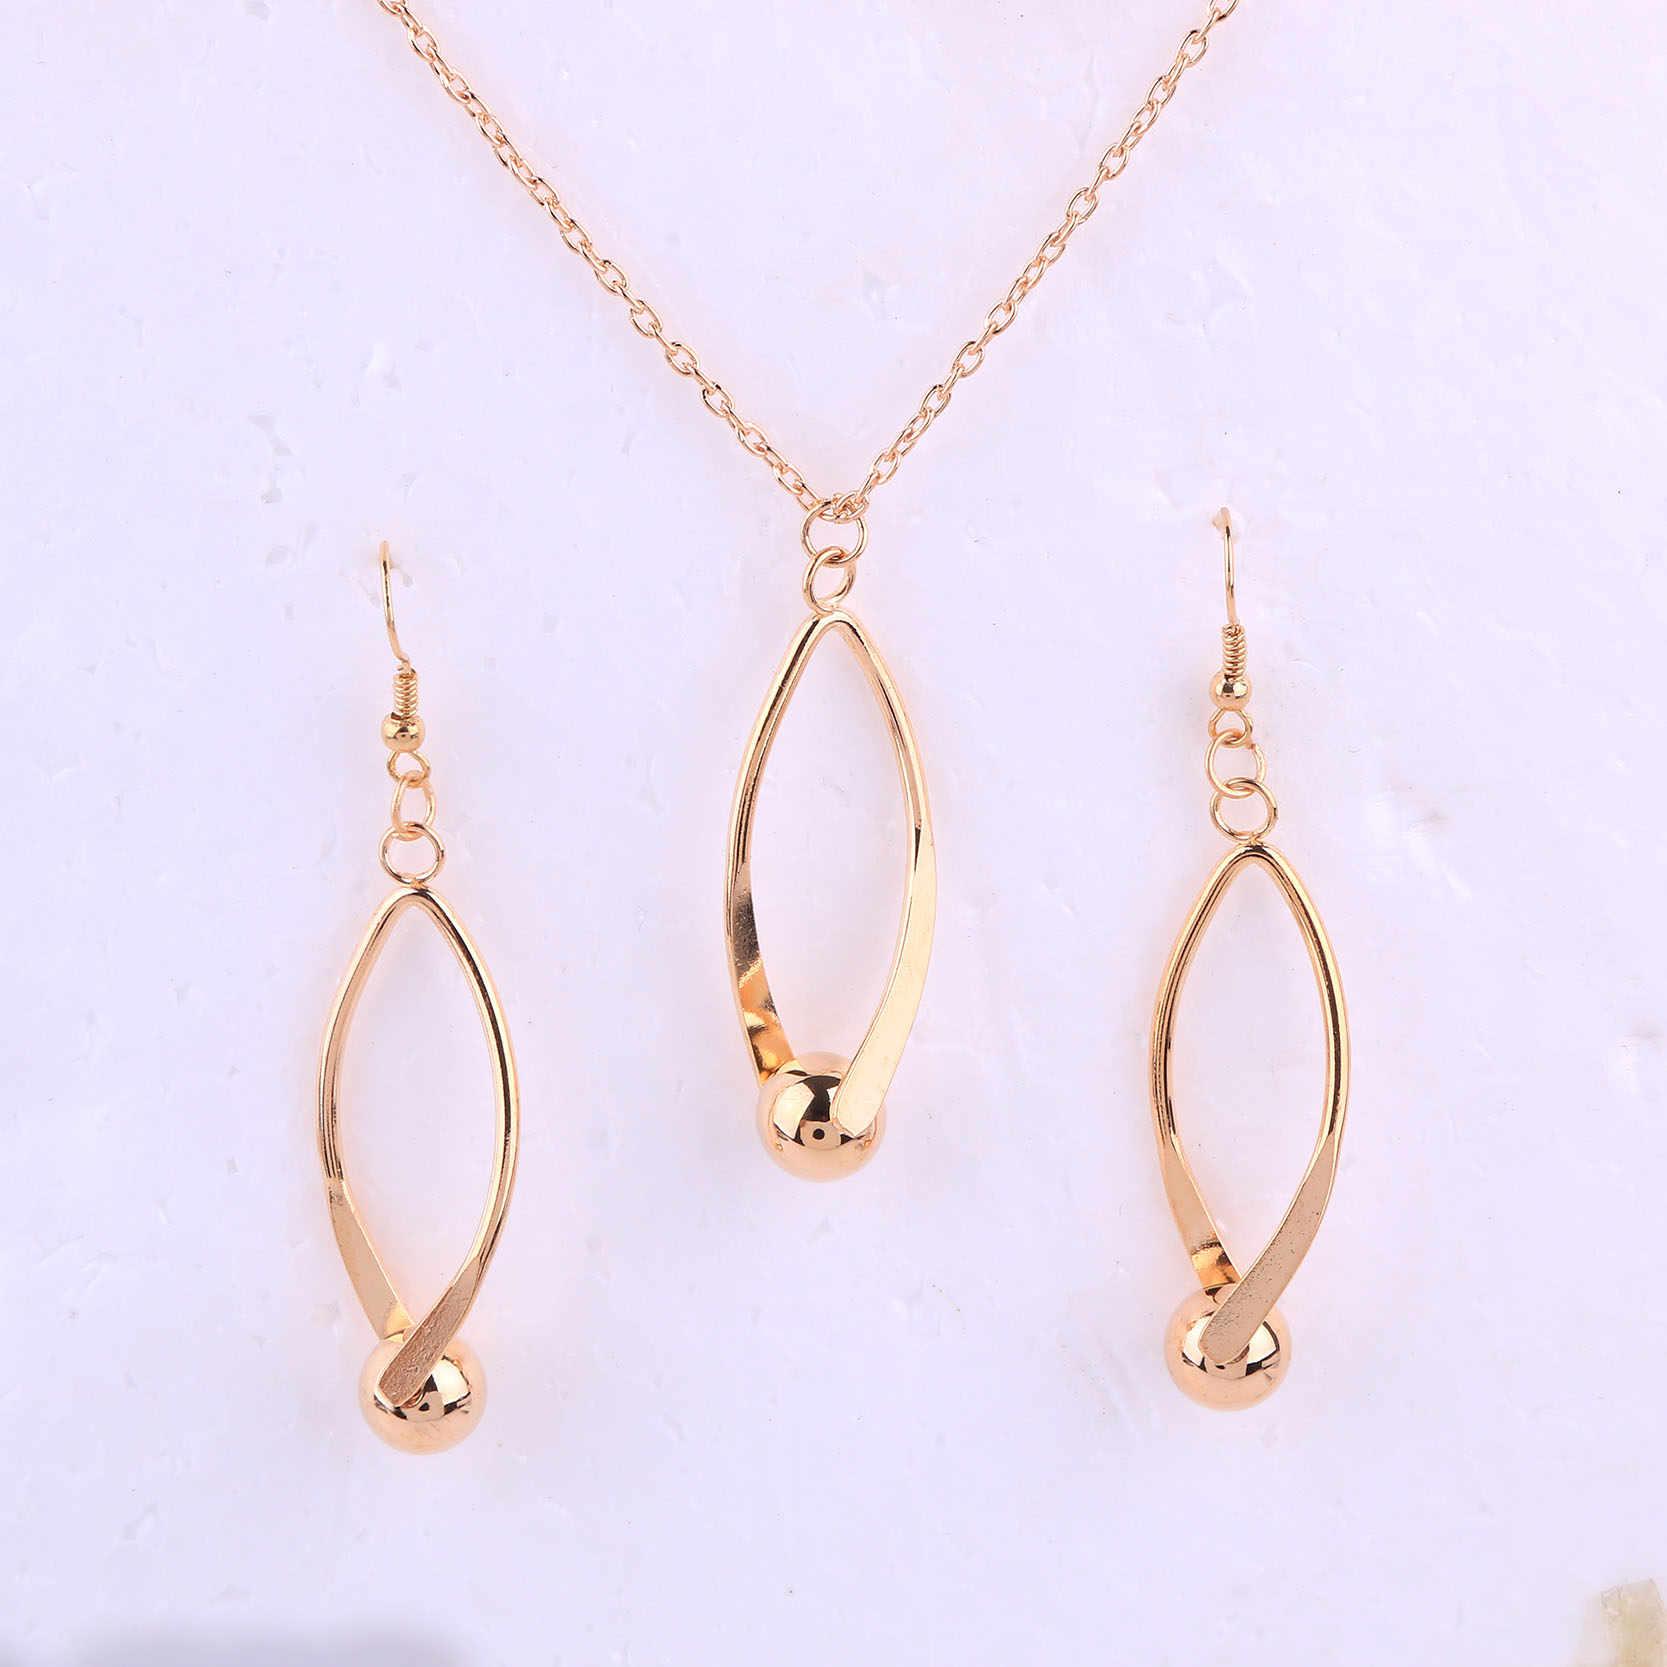 דובאי זהב צבע תכשיטי חלול החוצה בצורת קולר שרשרת עם עגיל סט לנשים